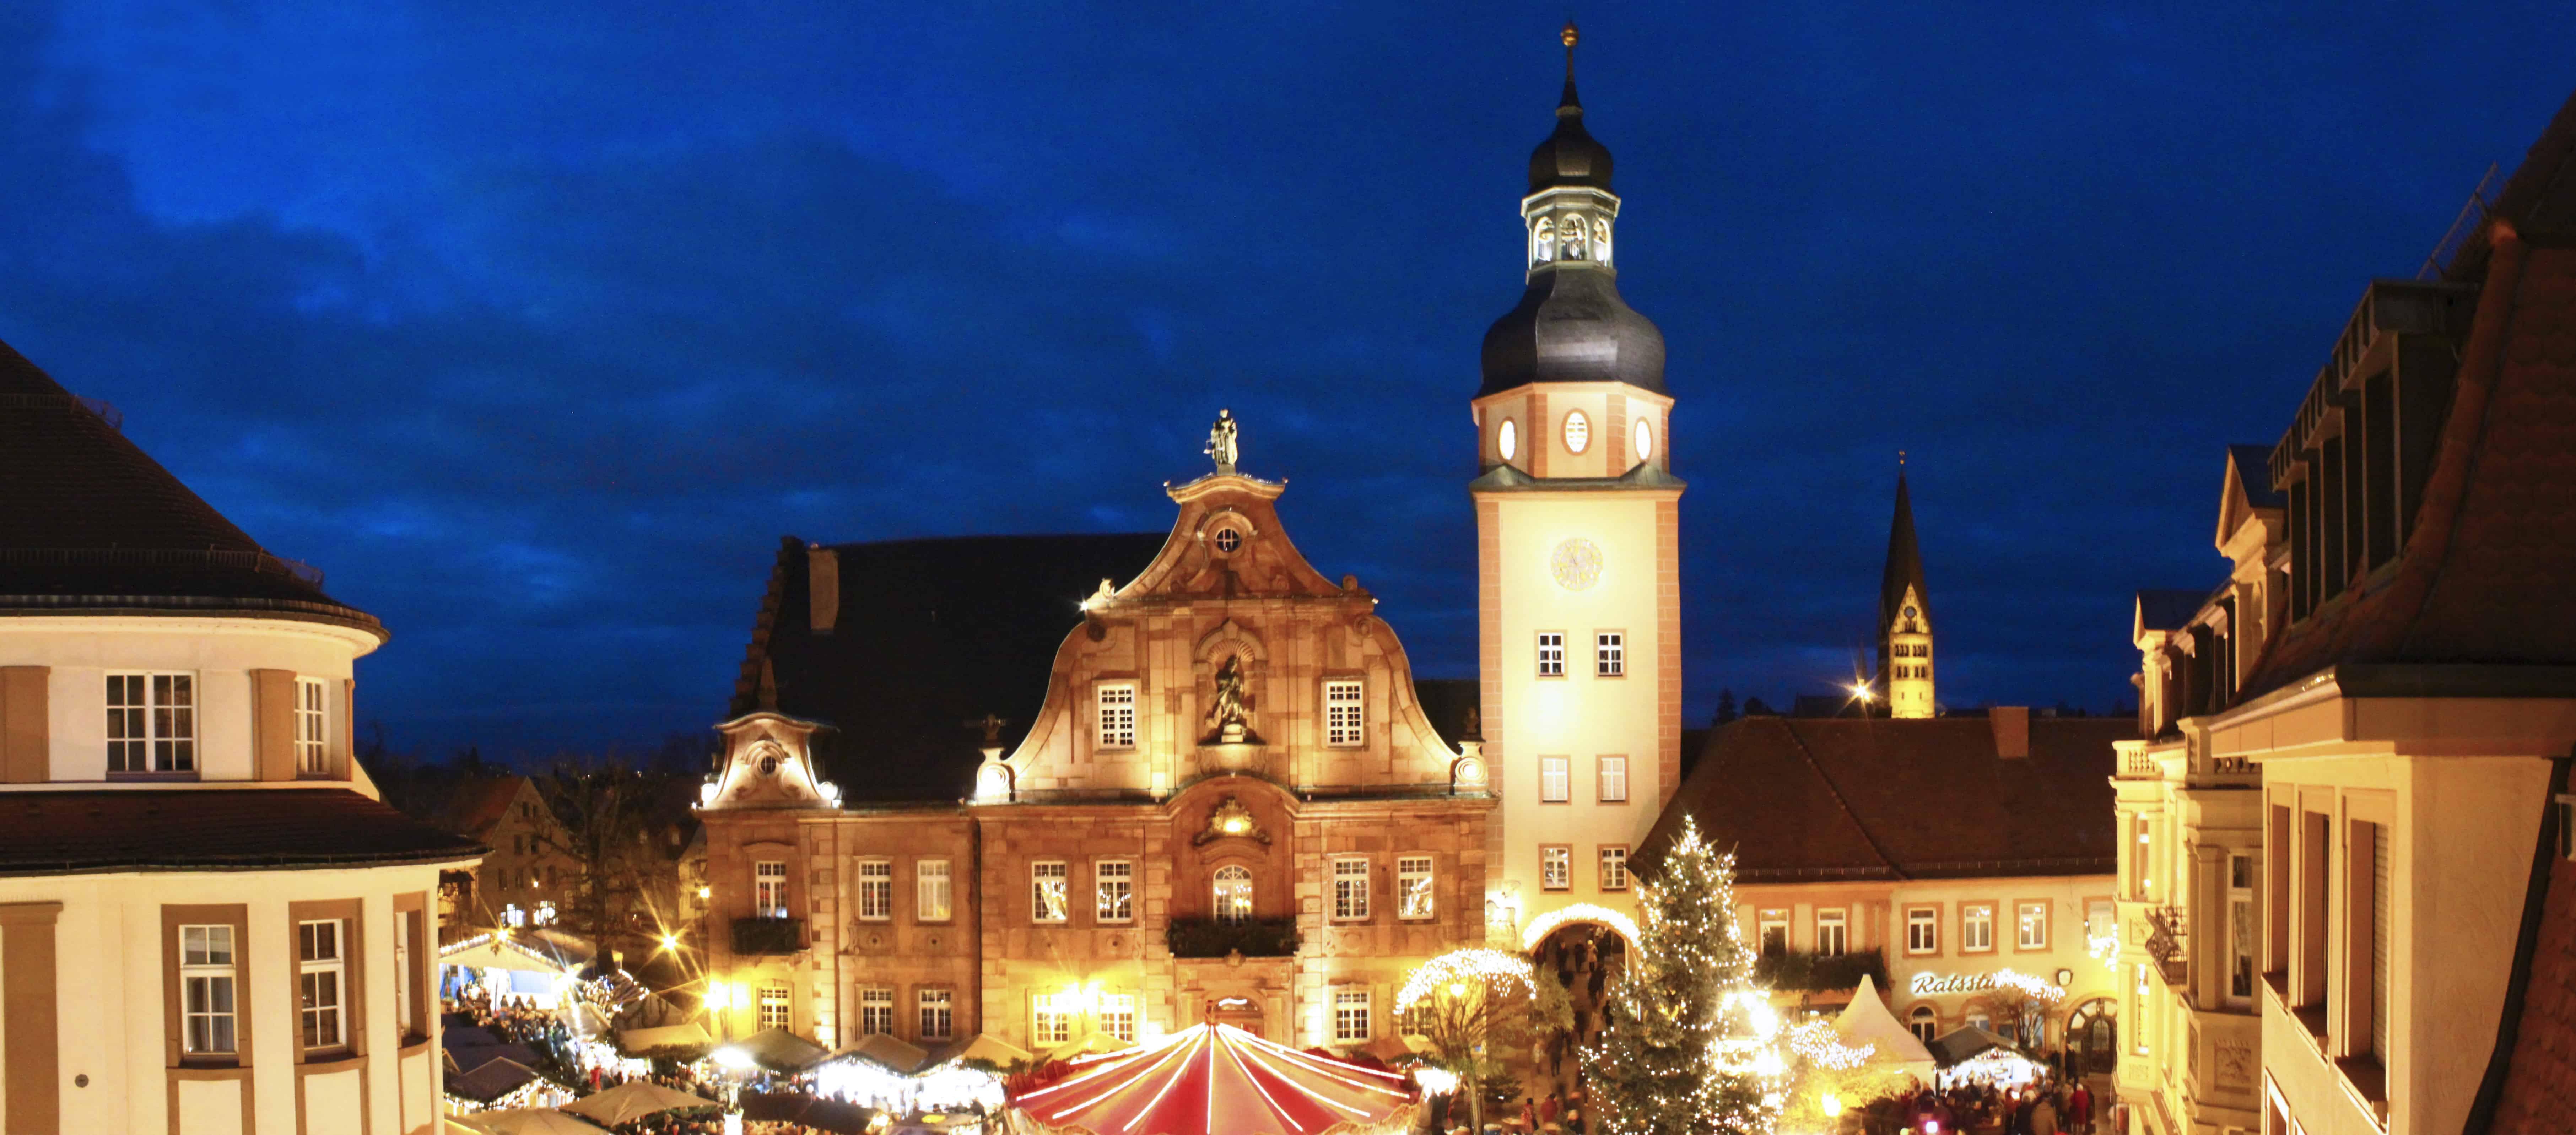 Weihnachtsmarkt Ettlingen öffnungszeiten